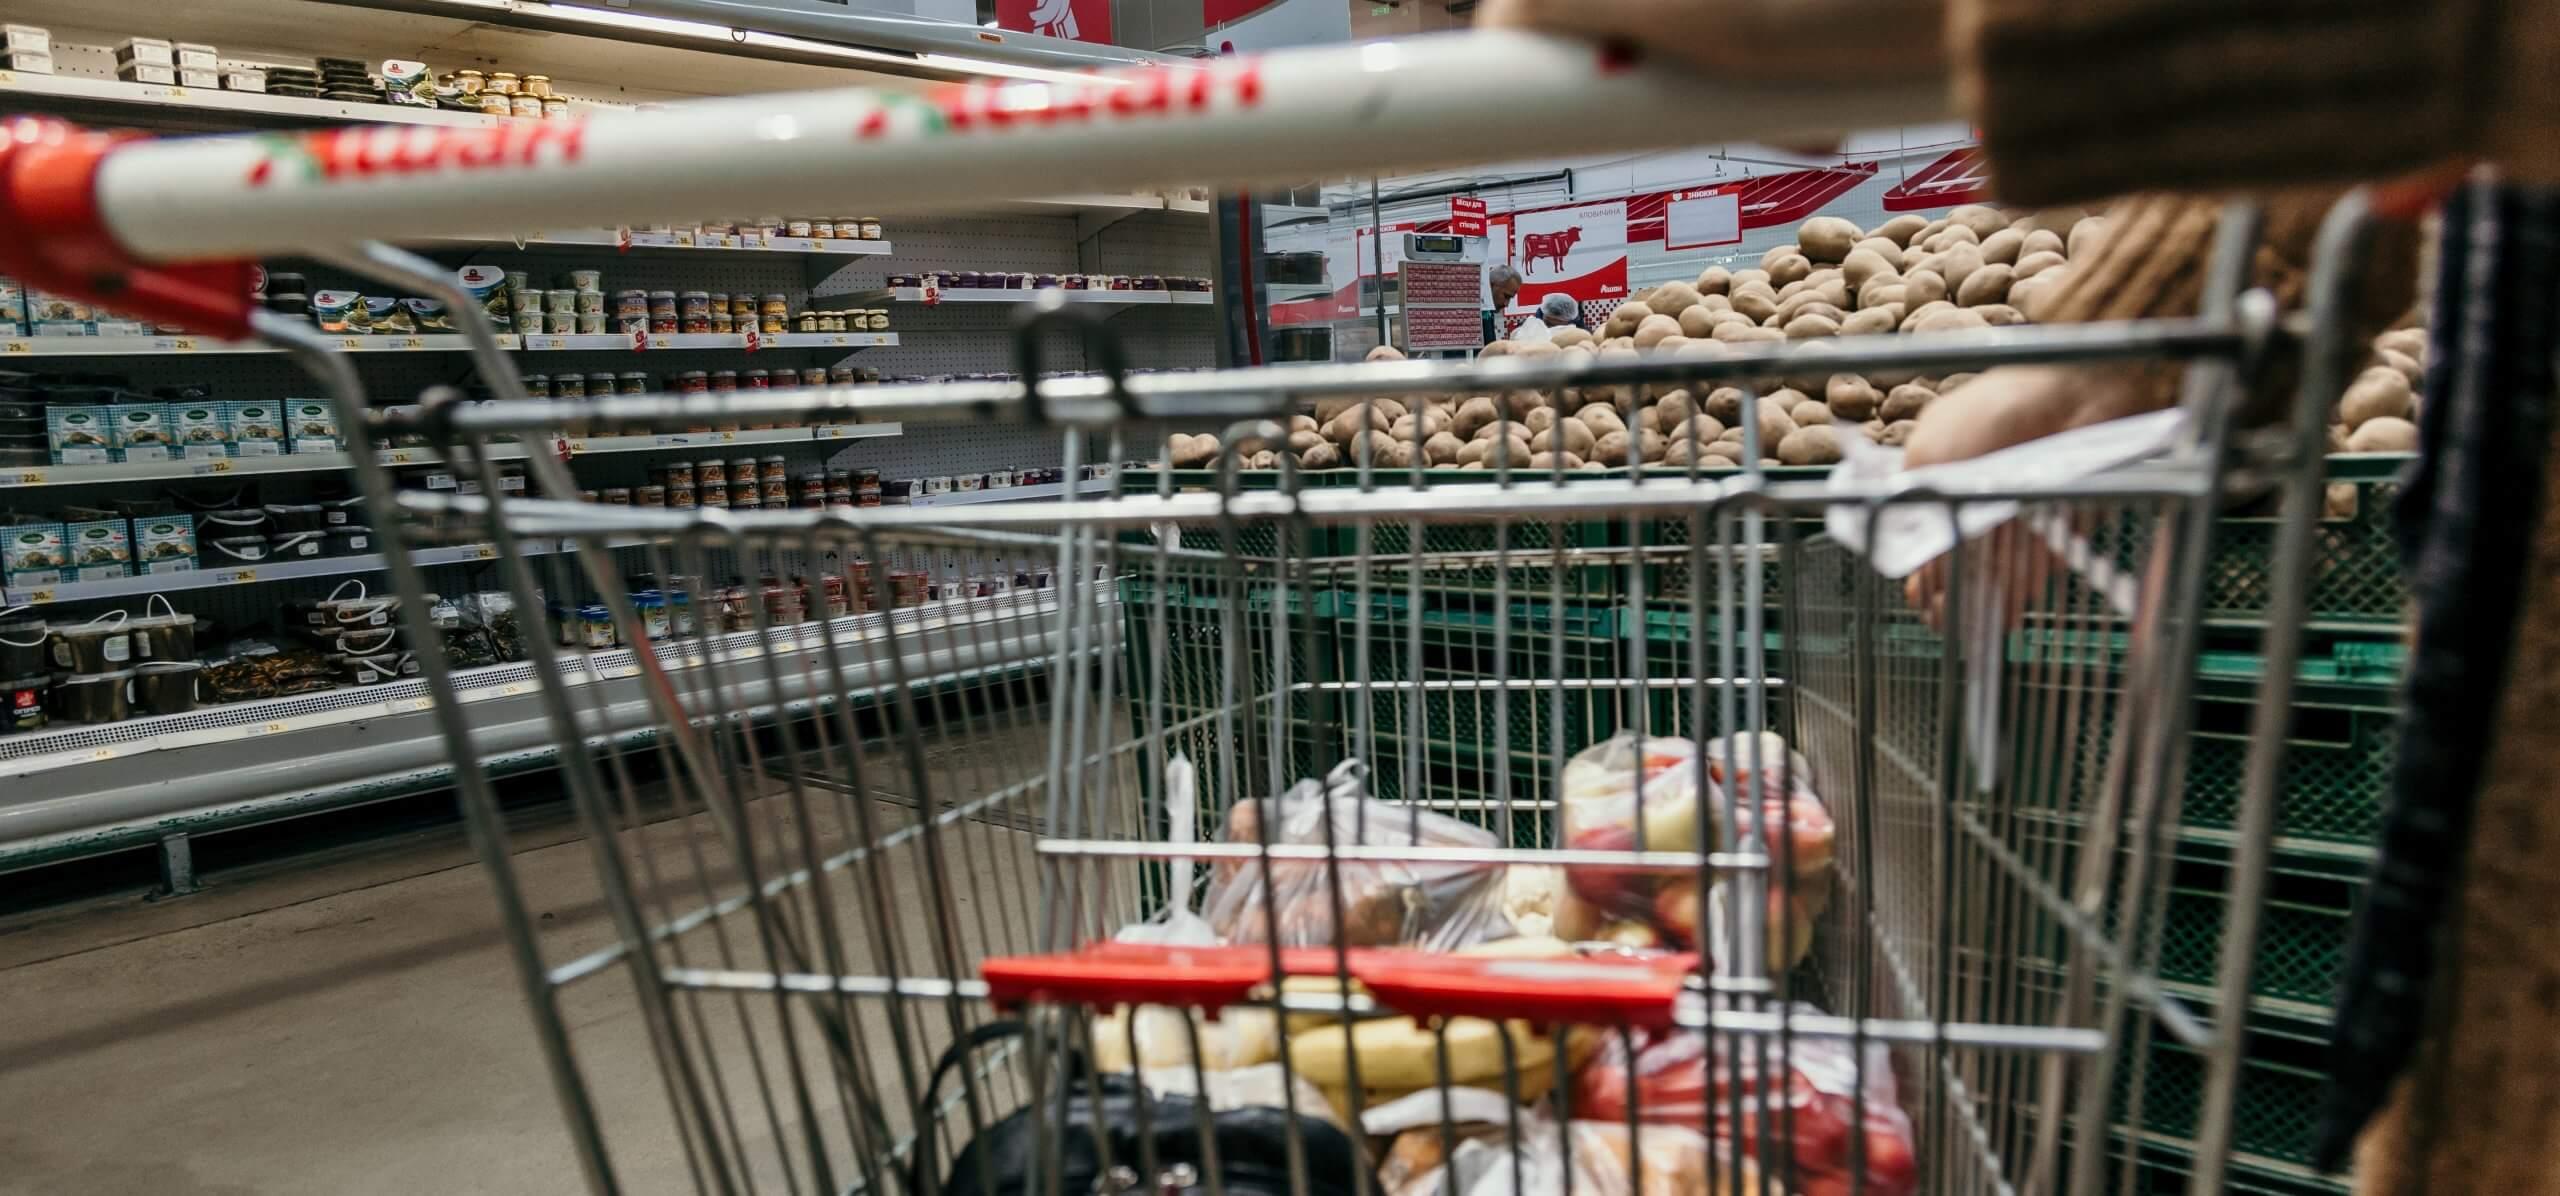 Einkaufswagen mit Lebensmitteln scaled